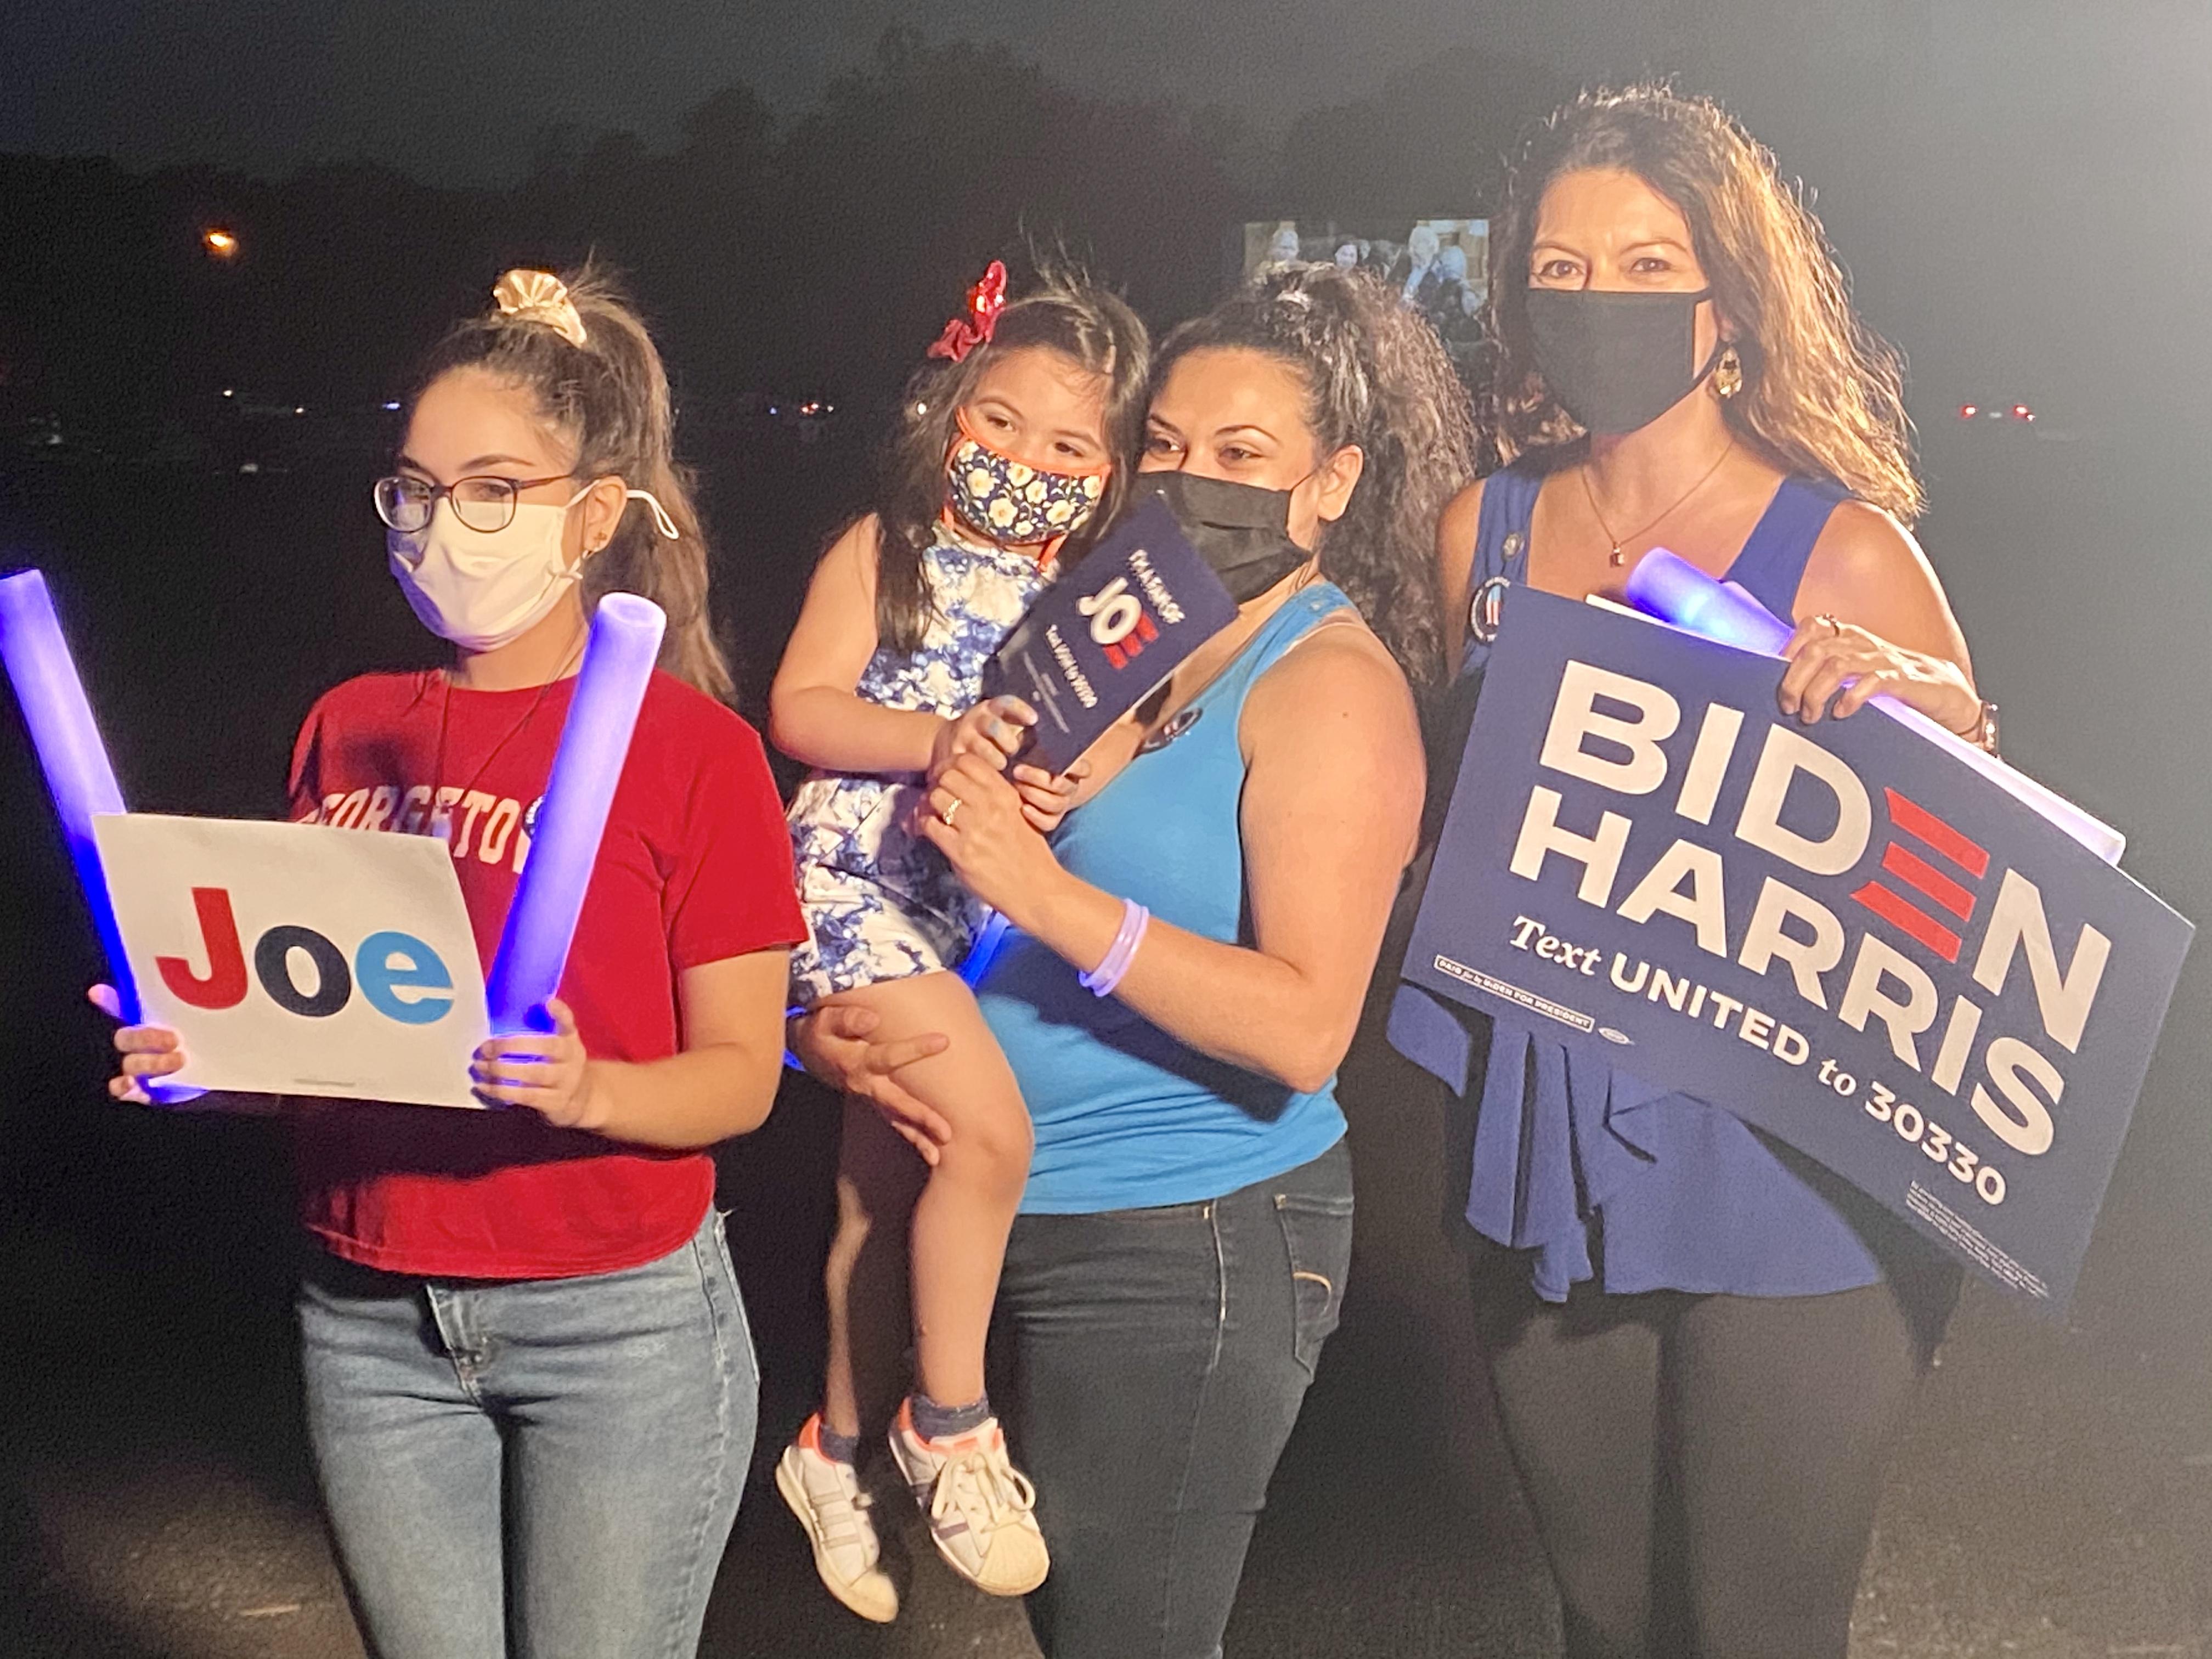 Melody González llegó con su familia al fairgrounds del condado Prince William a presenciar el discurso y afirmó que Biden sí tiene posibilidades de ganar el próximo 3 de noviembre, pero todo dependerá de que los latinos salgan a votar. | FOTO: María Peña para ETL